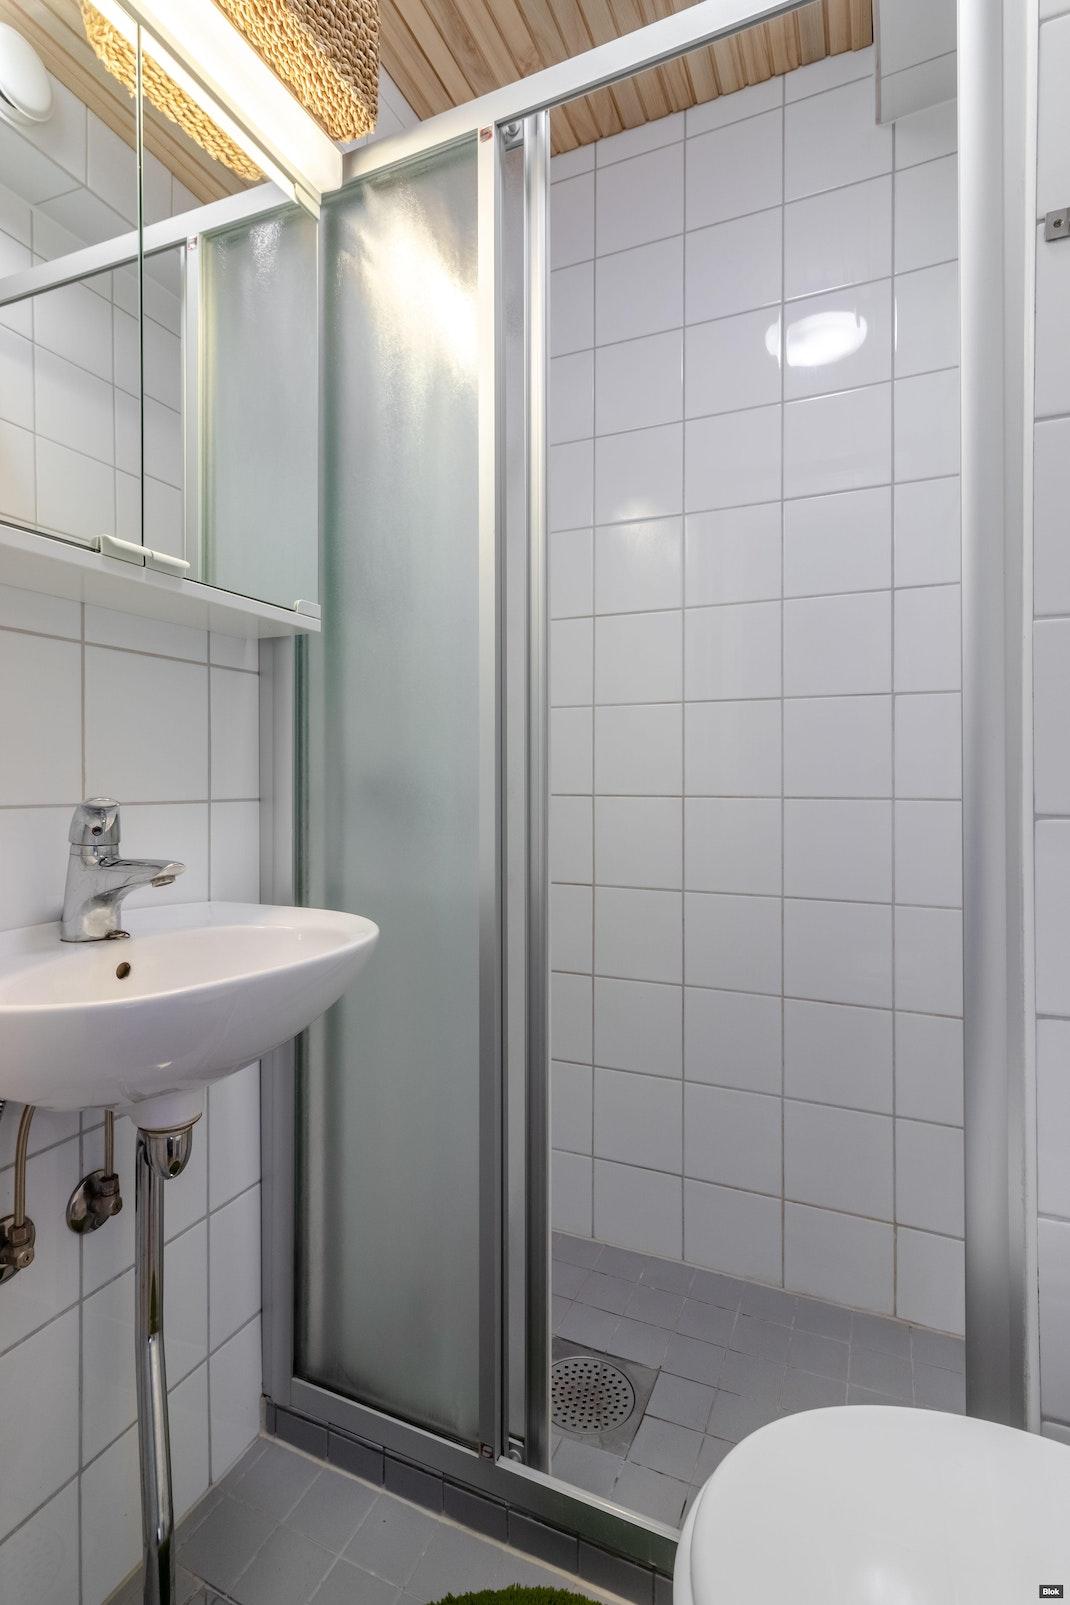 Lounaisväylä 10 A 5 Kylpyhuone